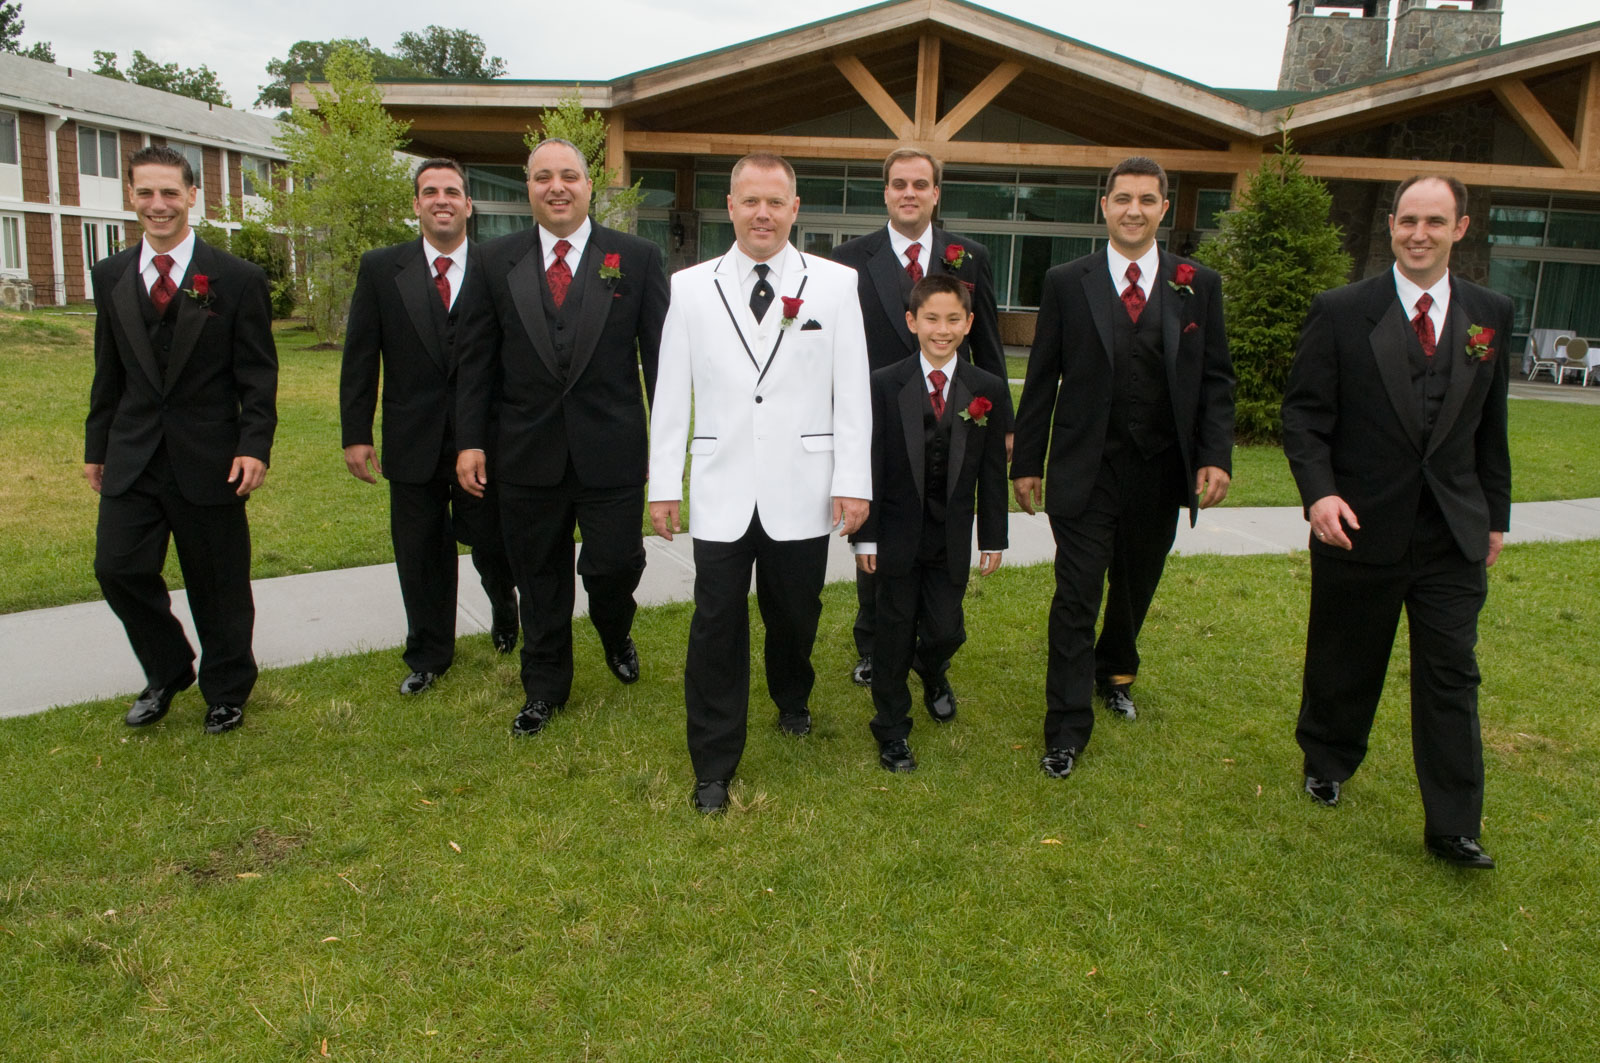 Wedding019_Pesce_Bendlin_JG_265.jpg